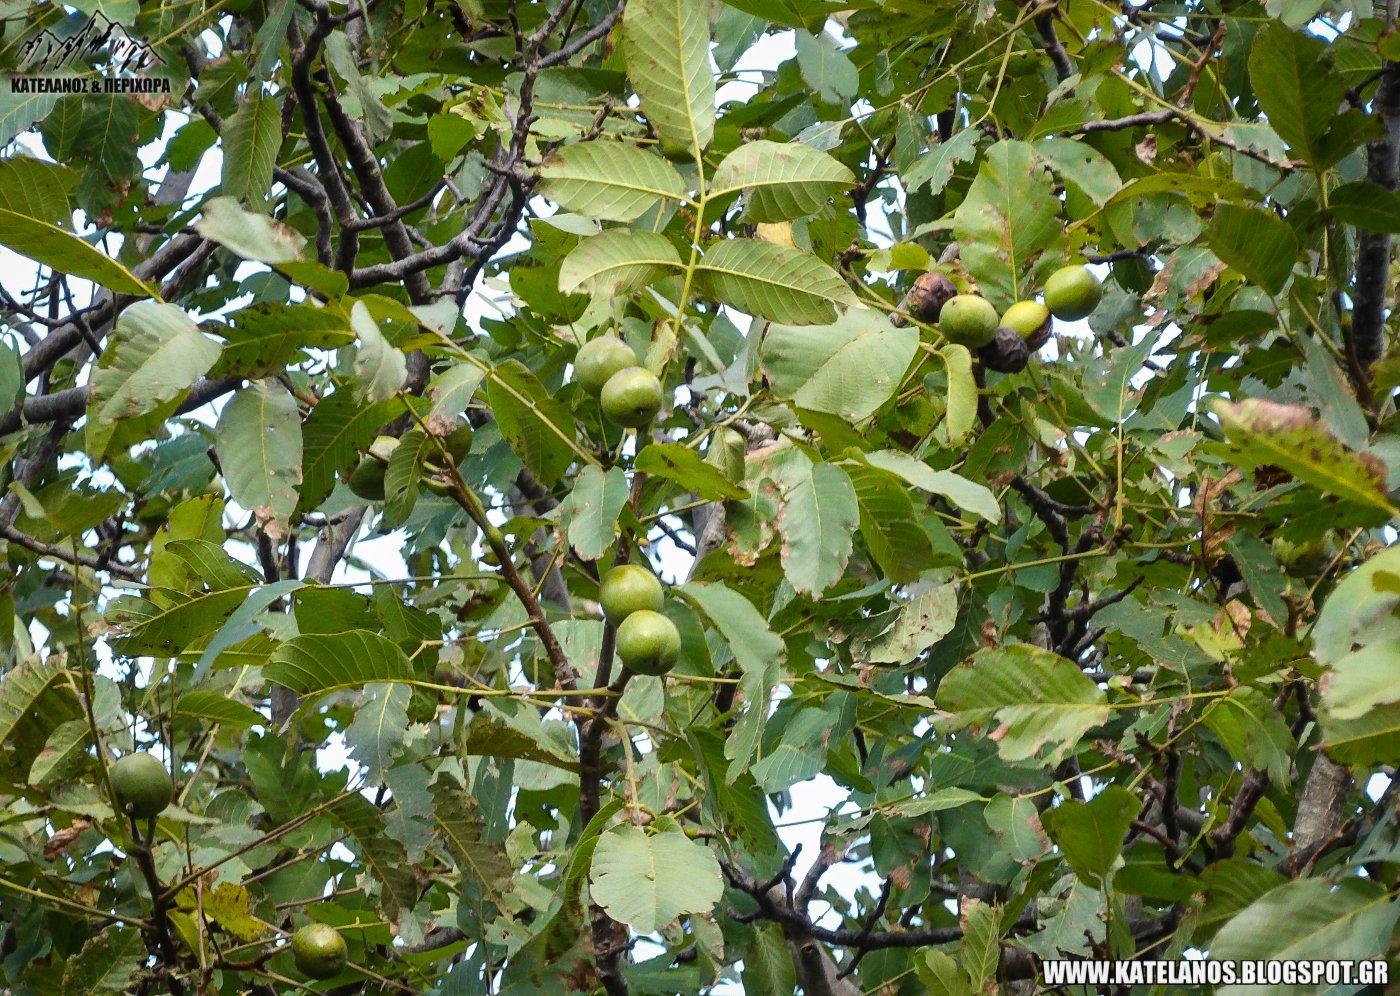 καρύδια πάνω στο δέντρο καρπός